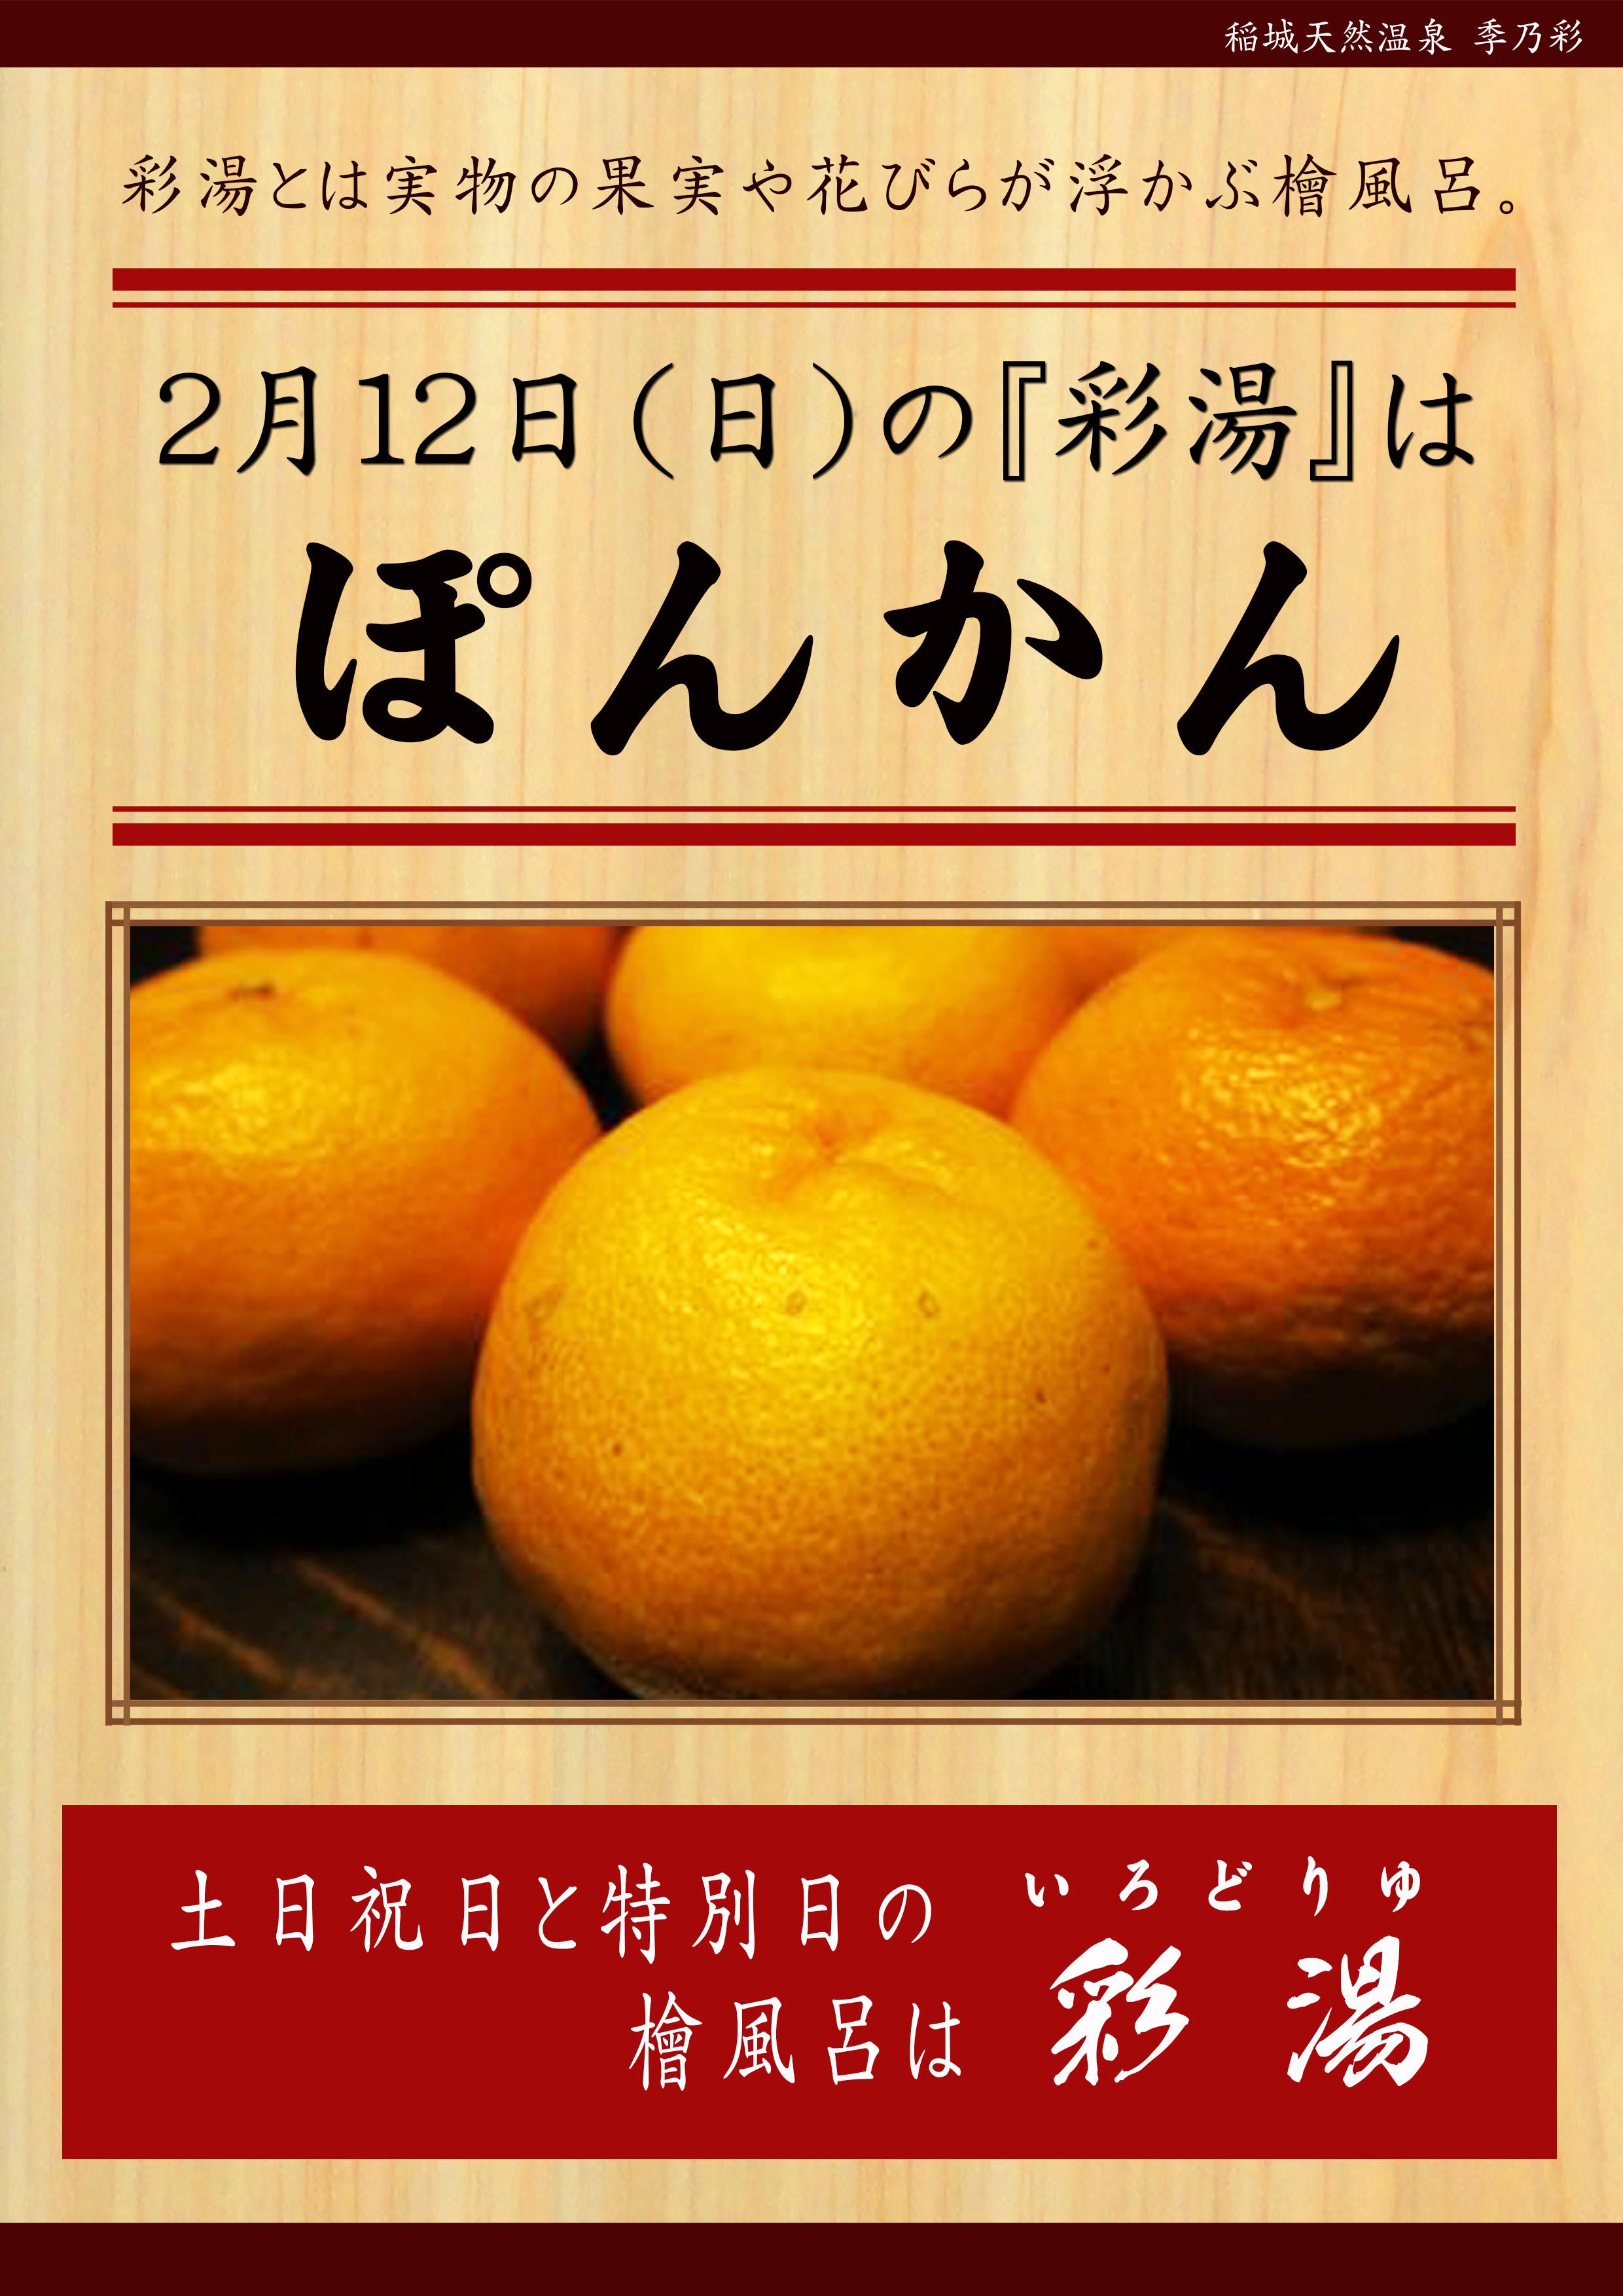 20170212POP イベント 彩湯 ぽんかん